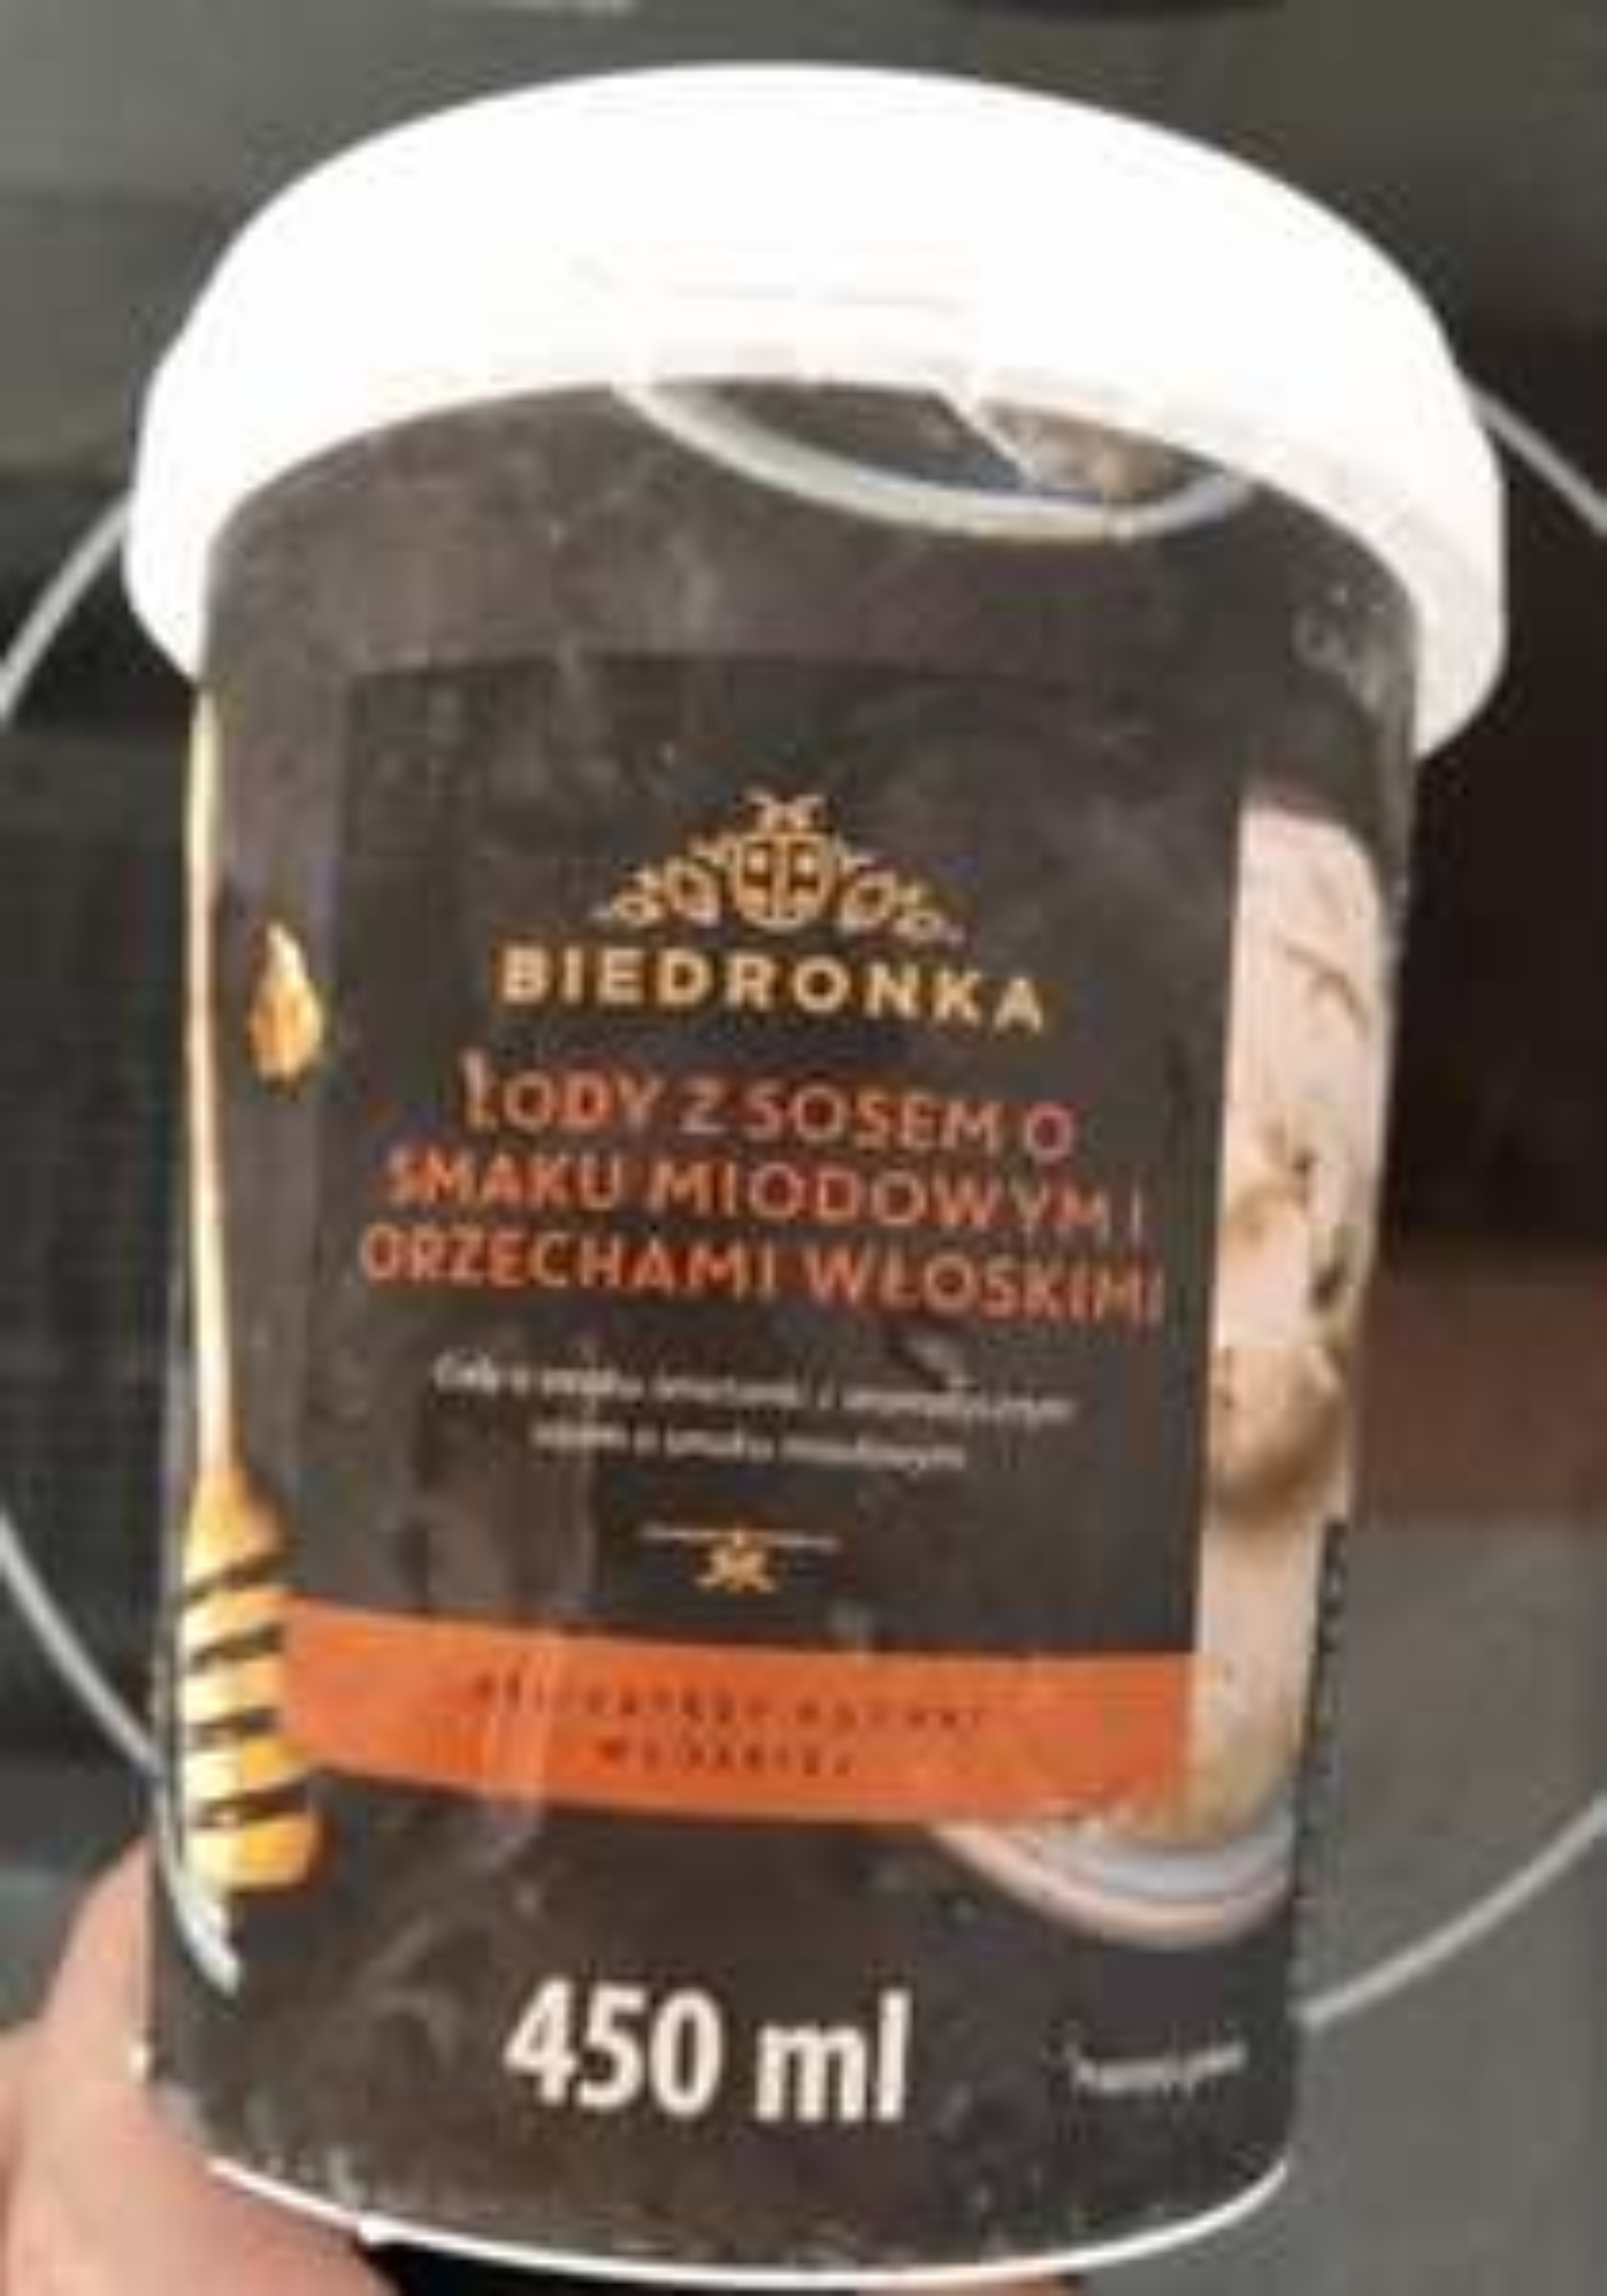 Lody 450 ml z sosem miodowym i orzechami włoskimi/Lody owalne 850 ml czekoladowe z sosem o smaku słonego karmelu